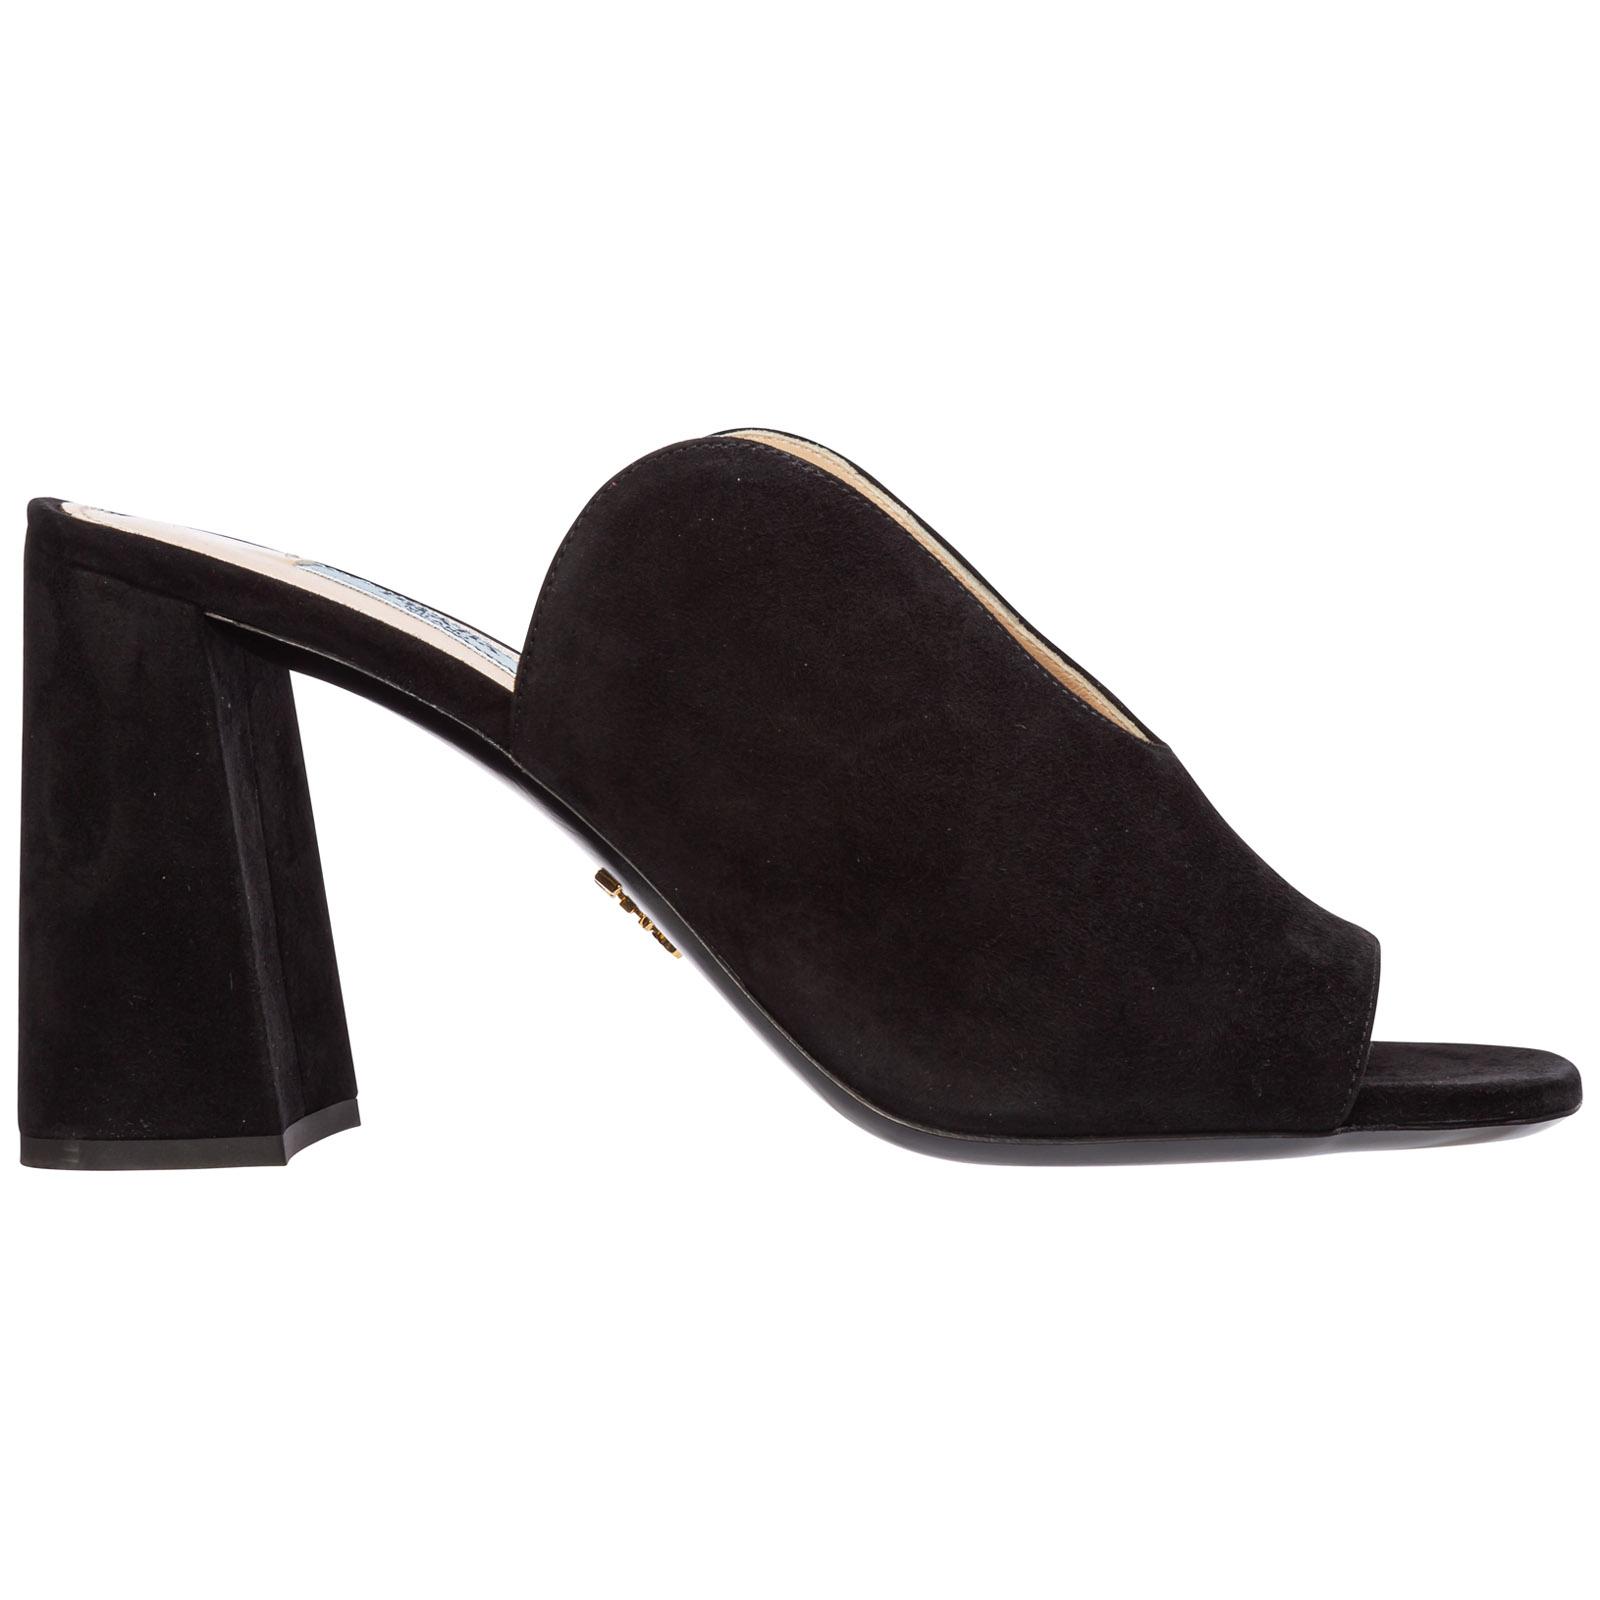 Mules shoes Prada